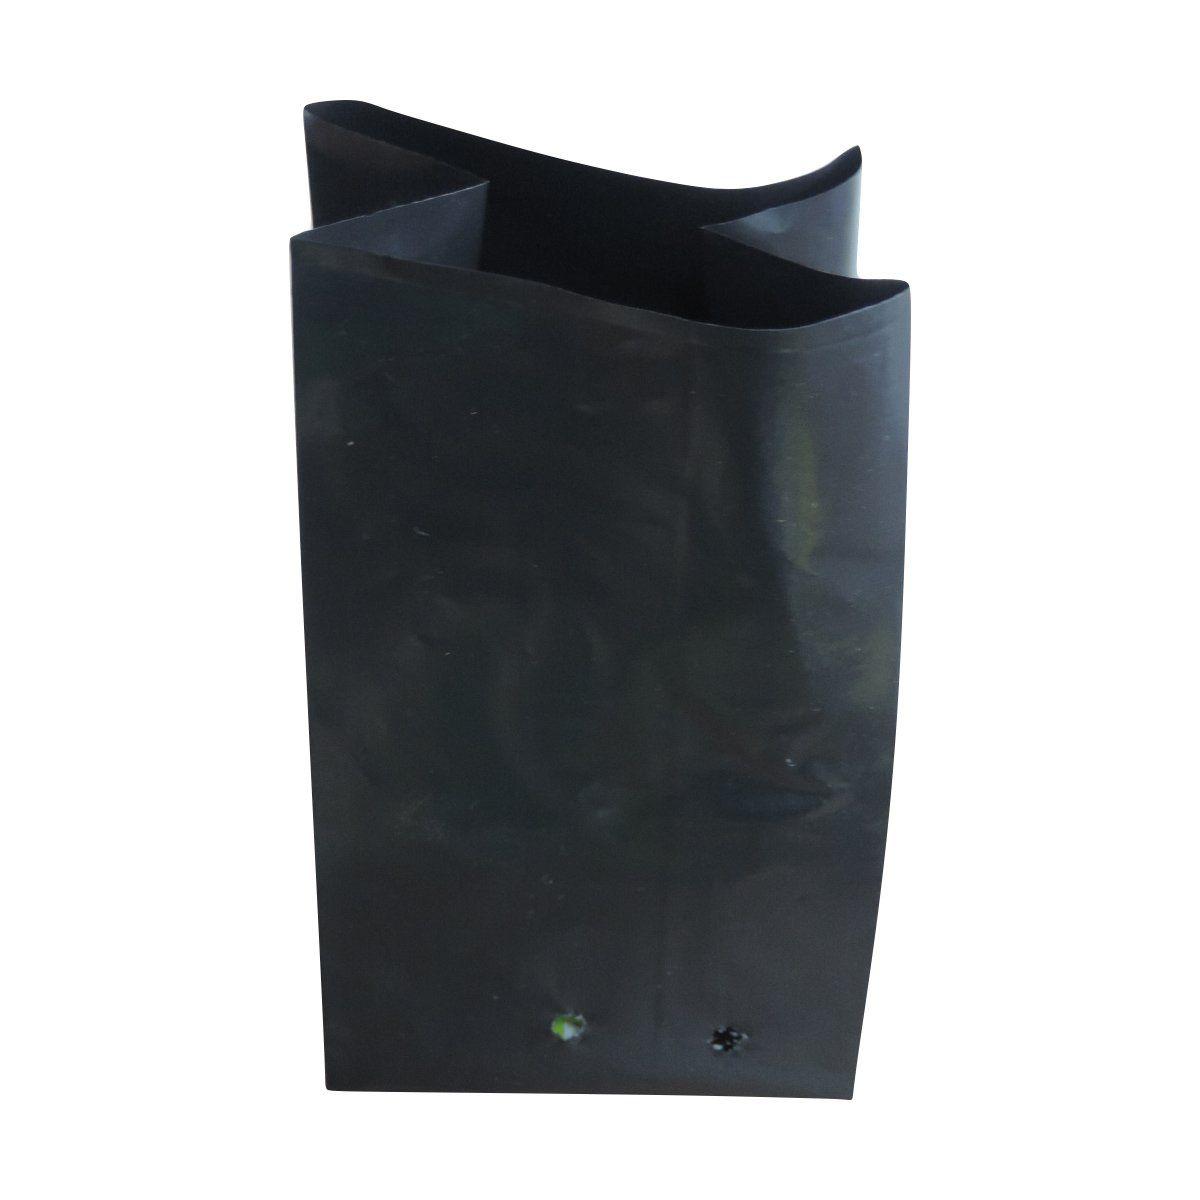 Saco para mudas aproximadamente 17cm x 22cm plástico preto para banana, lichia, abacate ou espécies nativas 100 unidades